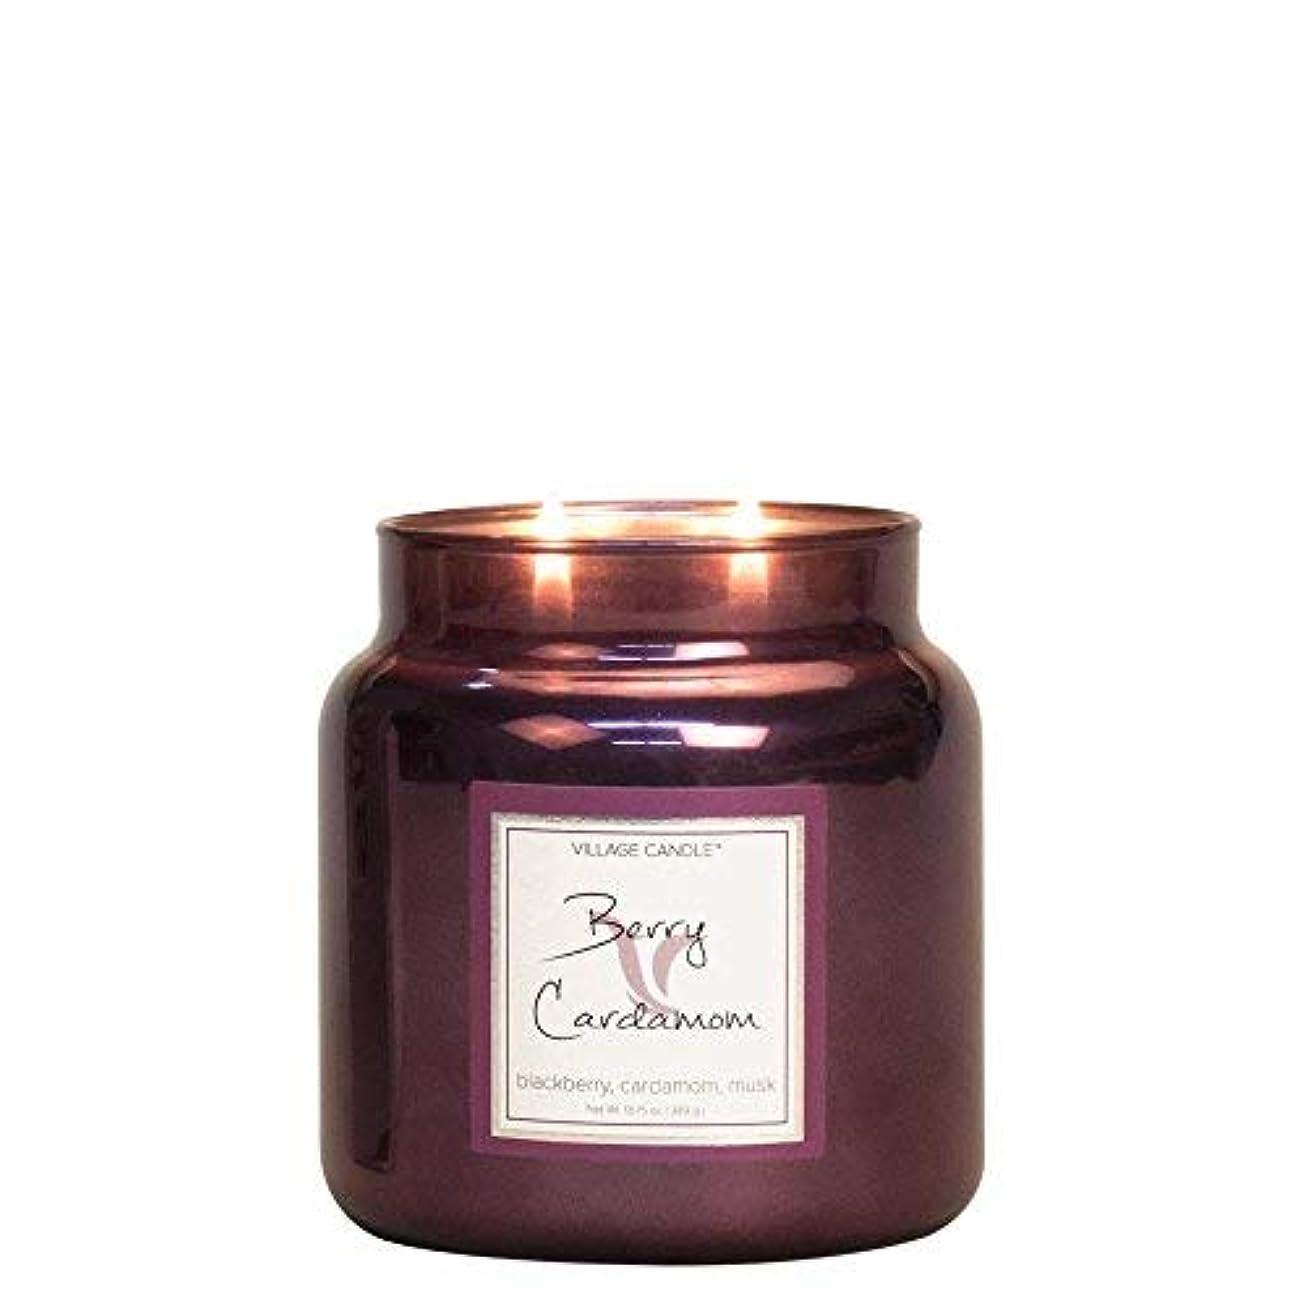 財布自分インシュレータVillage Candle Berry Cardamom 16 oz Metallic Jar Scented Candle Medium [並行輸入品]